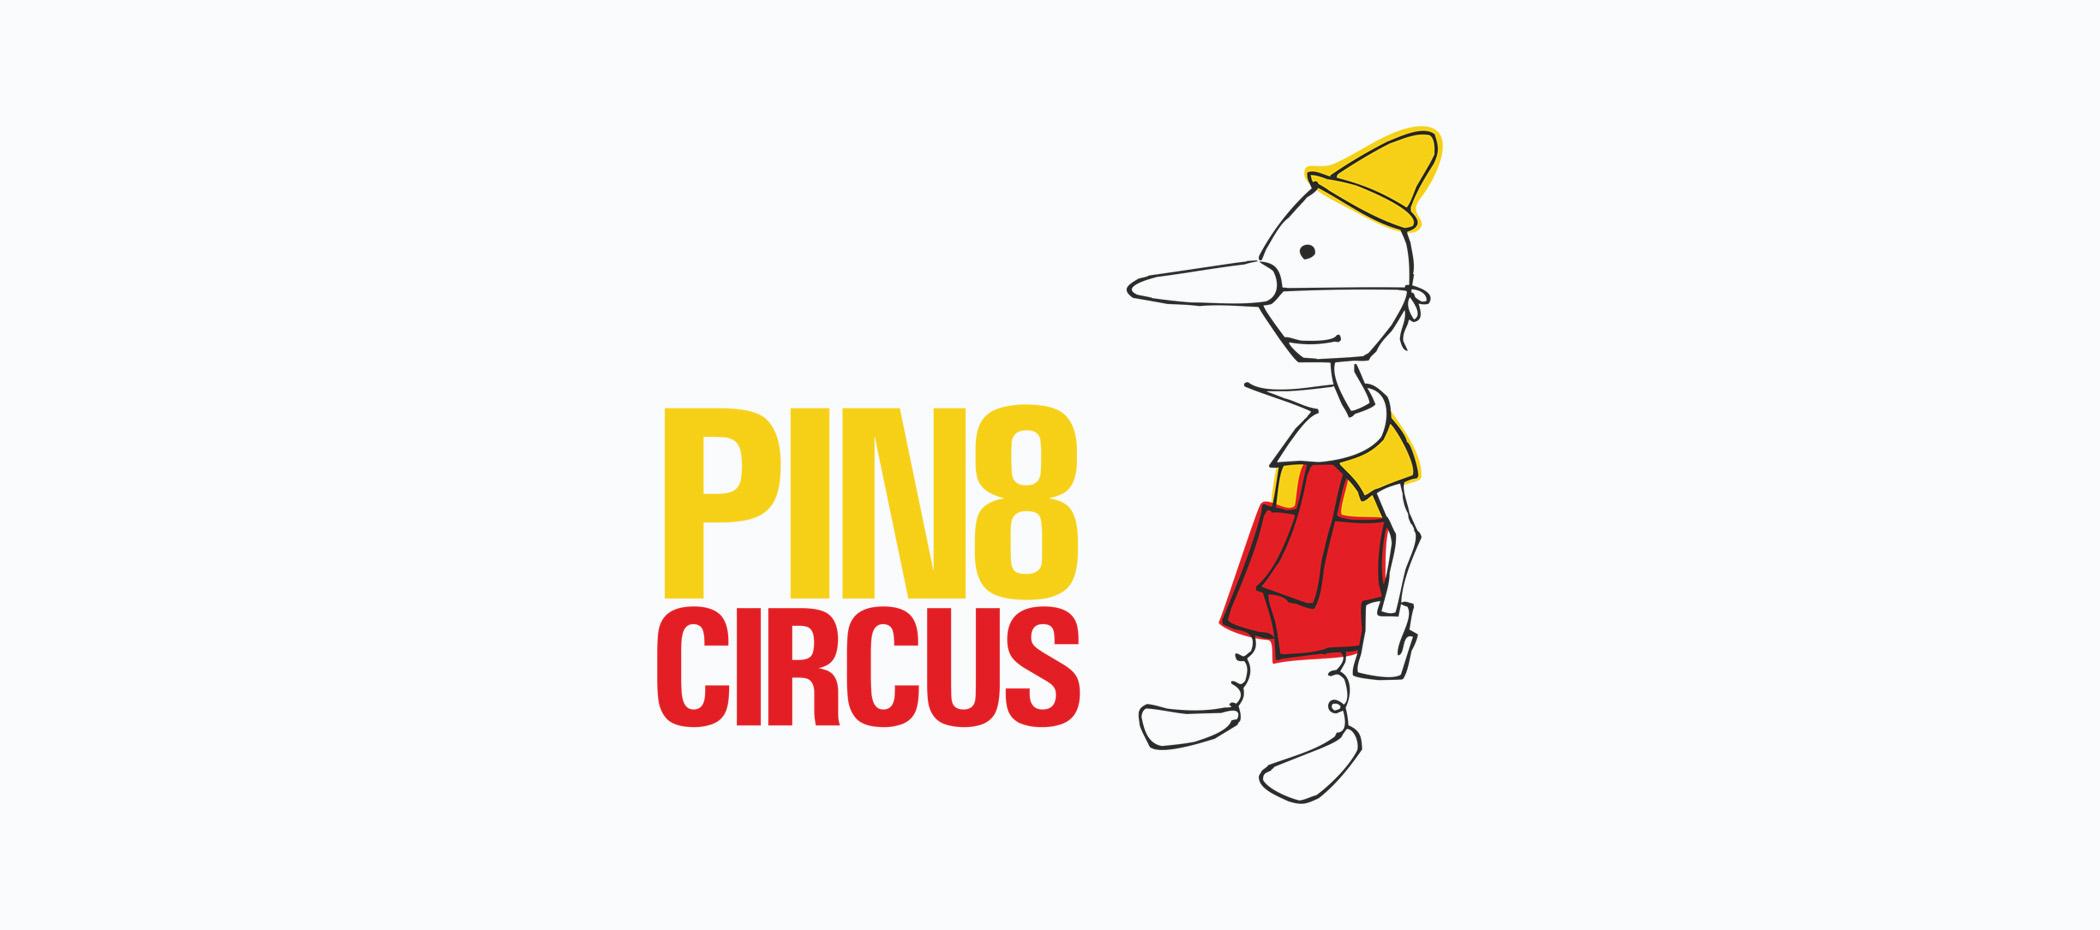 diseño logotipo - Beusual - diseño grafico santander - pin8 circus - pinocho